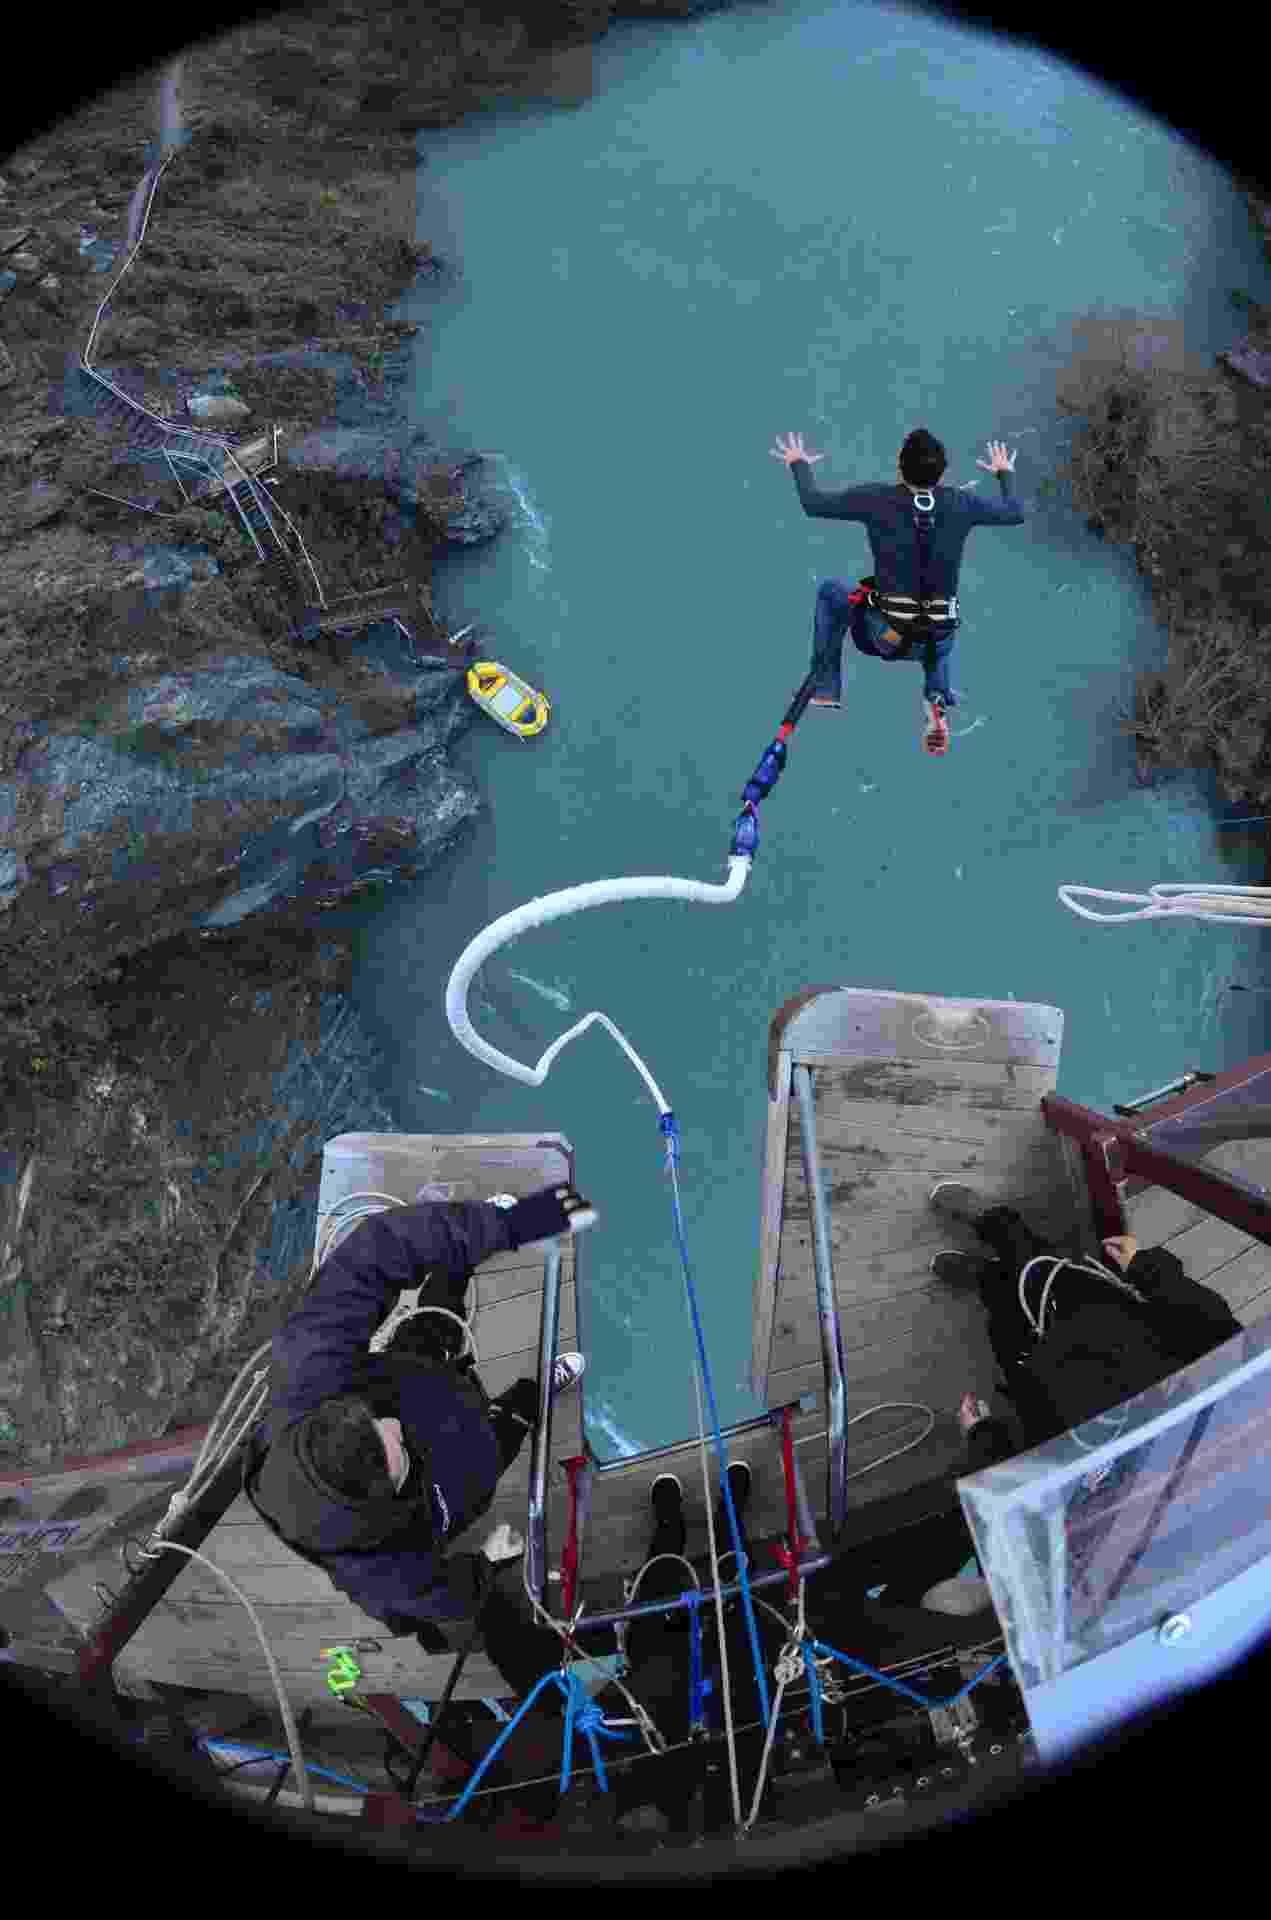 Câmera ?olho de peixe? localizada no topo da ponte Kawarau registra o momento do pulo - Marcelo Negromonte/UOL